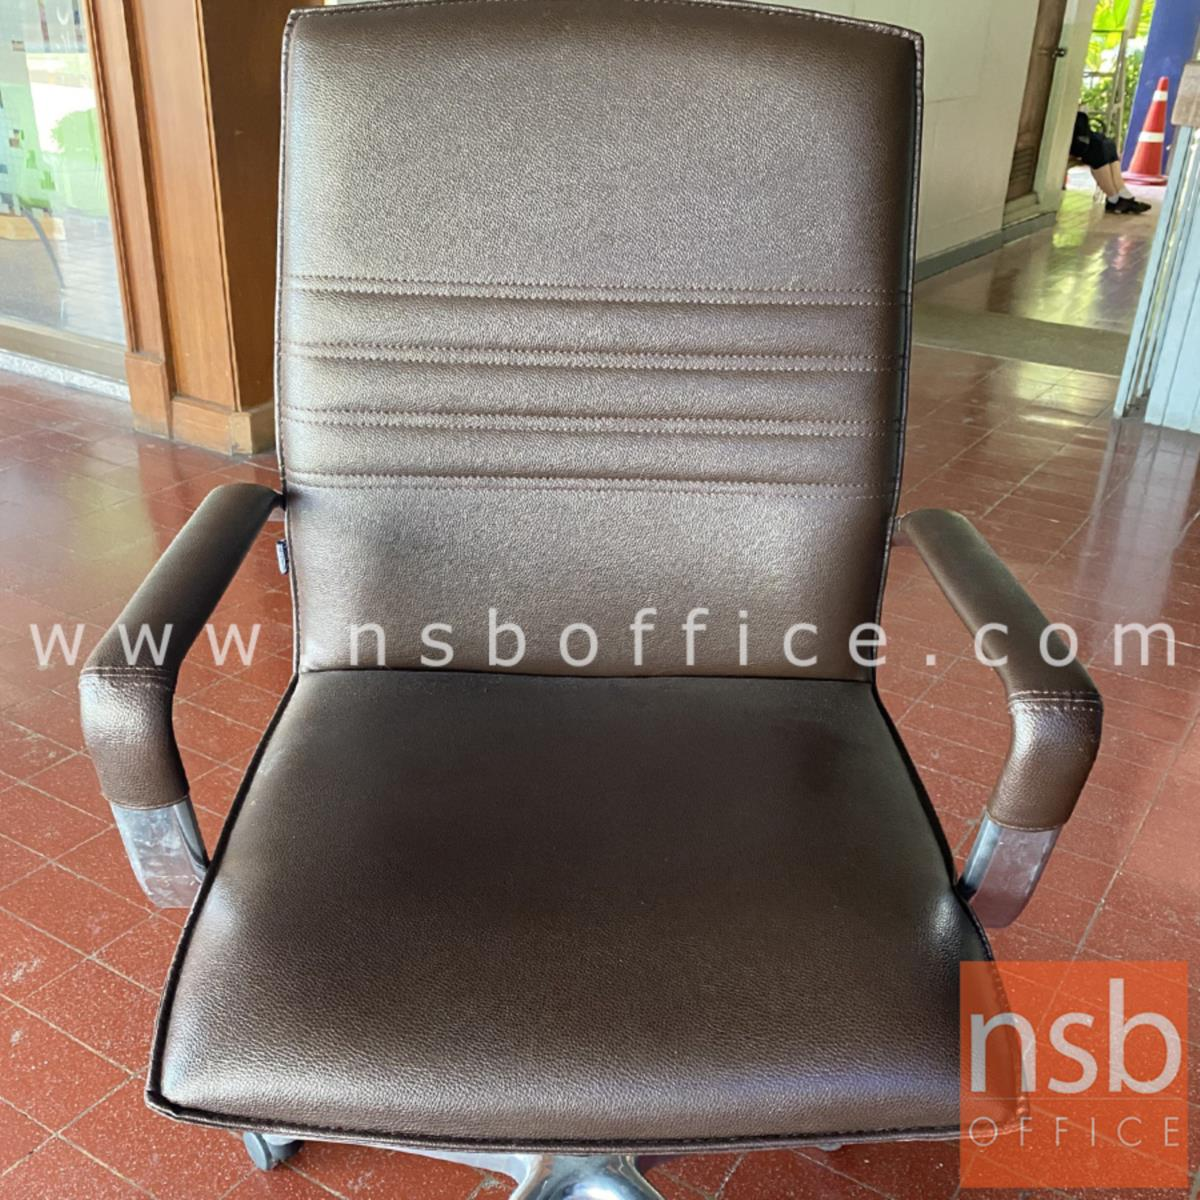 เก้าอี้สำนักงาน รุ่น  CR 3/AC  มีก้อนโยก ขาอลูมิเนียม